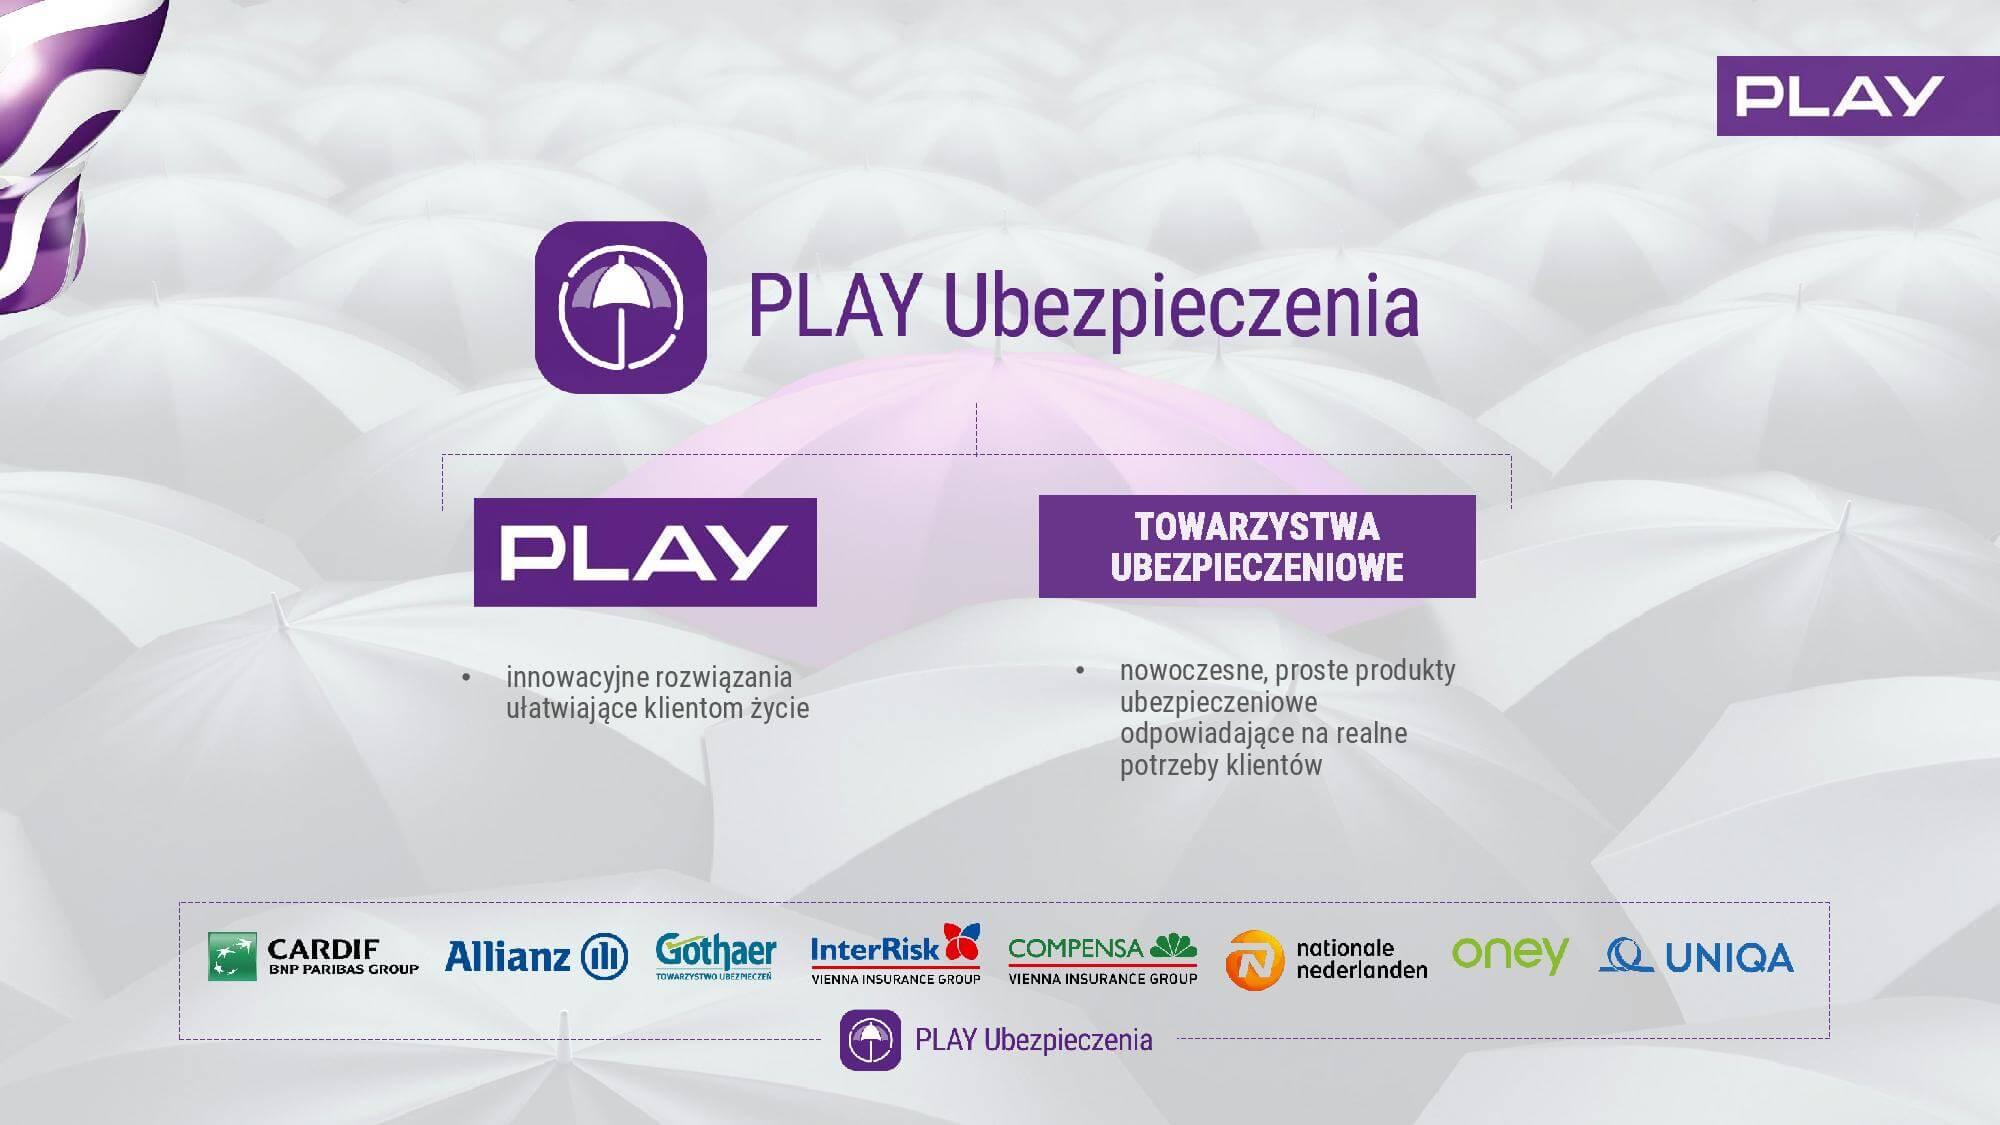 Play Ubezpieczenia dostępne na iOS.